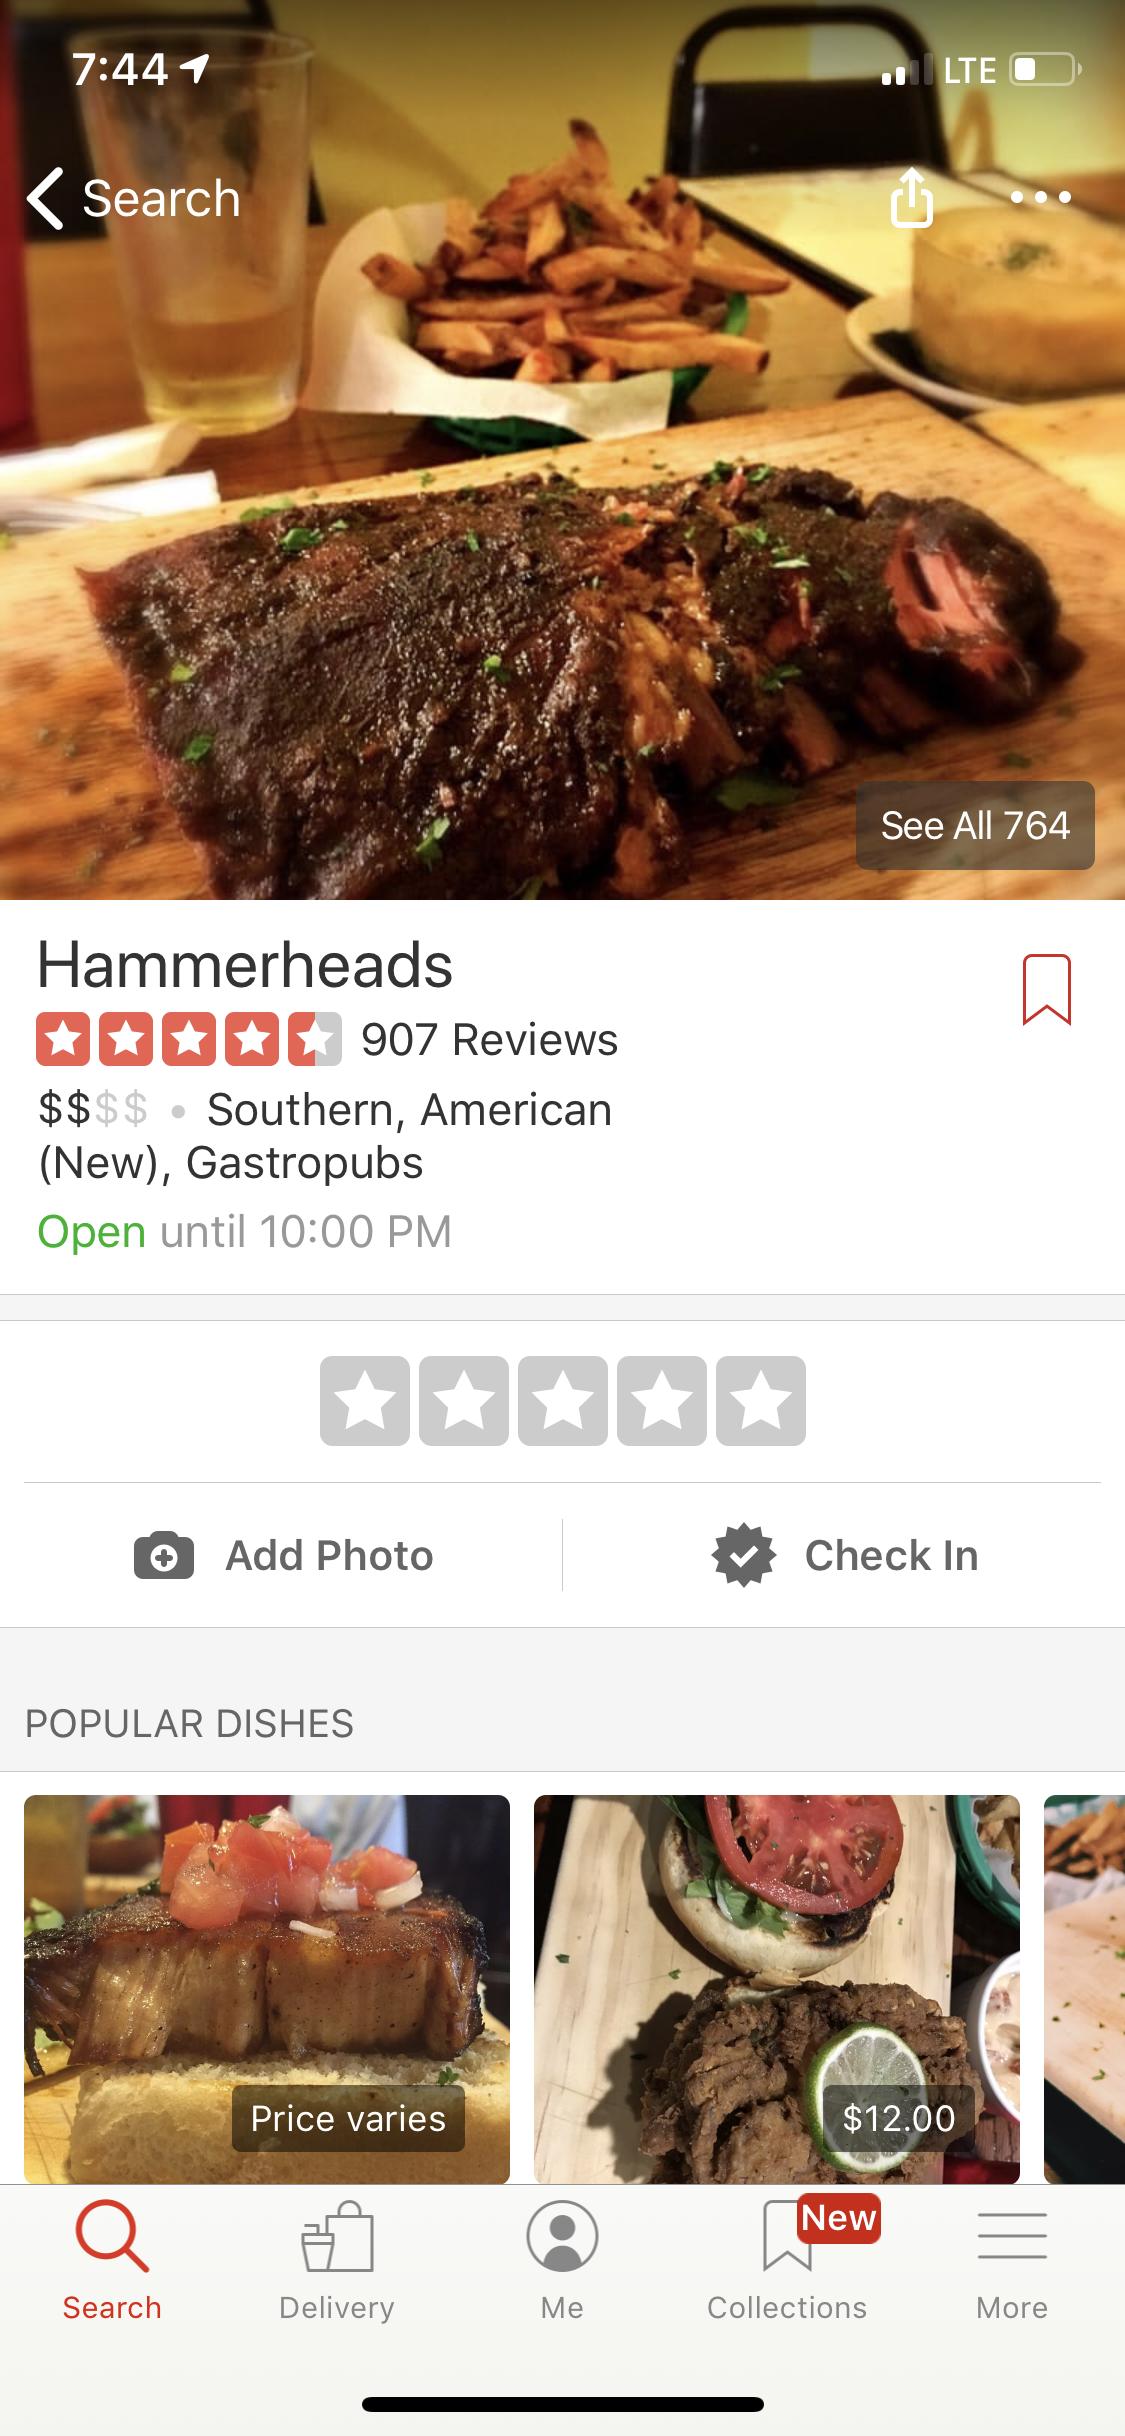 Hammerheads @ Louisville, KY